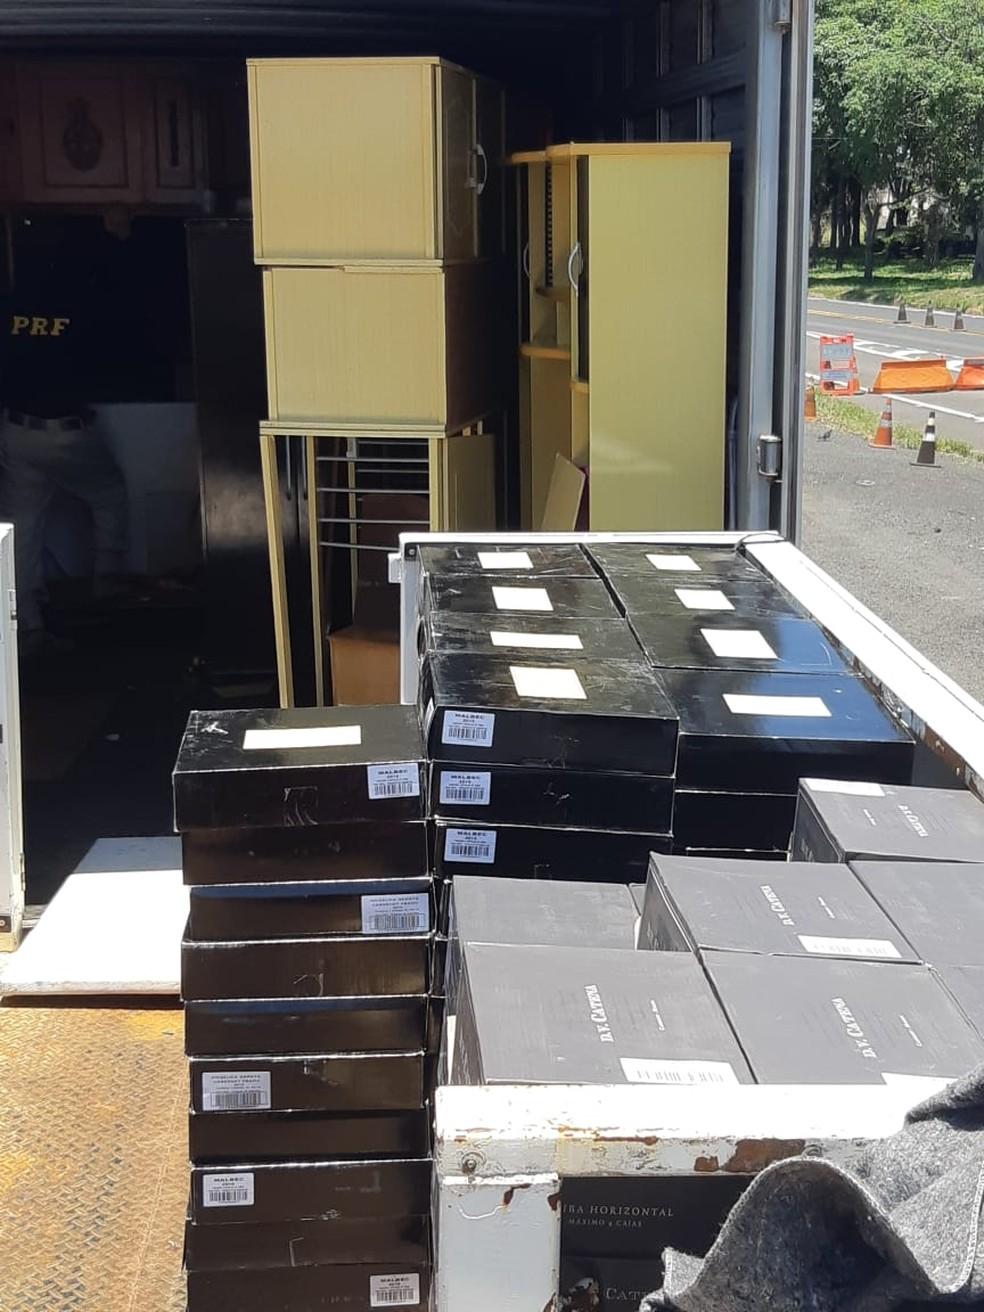 Segundo a PRF, caminhão-baú transportava cerca de 2,3 mil garrafas de vinho — Foto: Polícia Rodoviária Federal/Divulgação